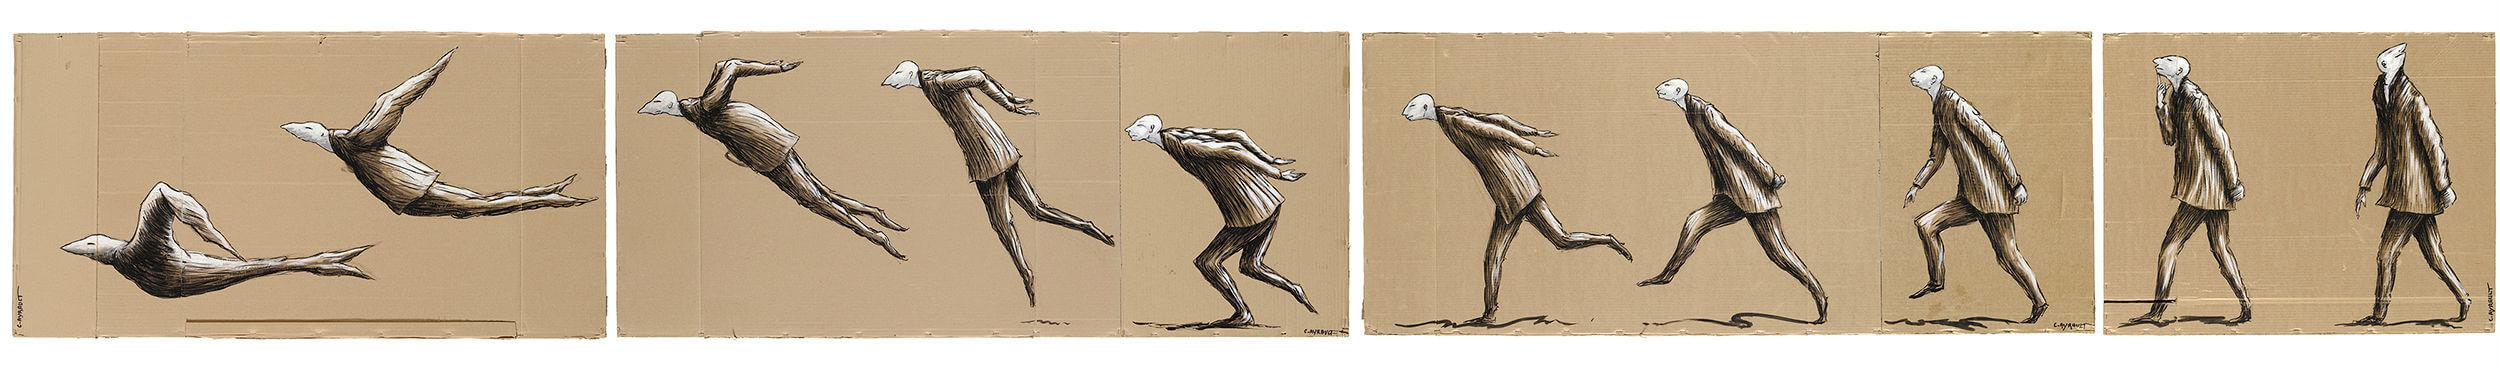 Christian AYRAULT -  Transformation - Acrylique sur cartons d'emballages de récupération, 565 x 70 cm